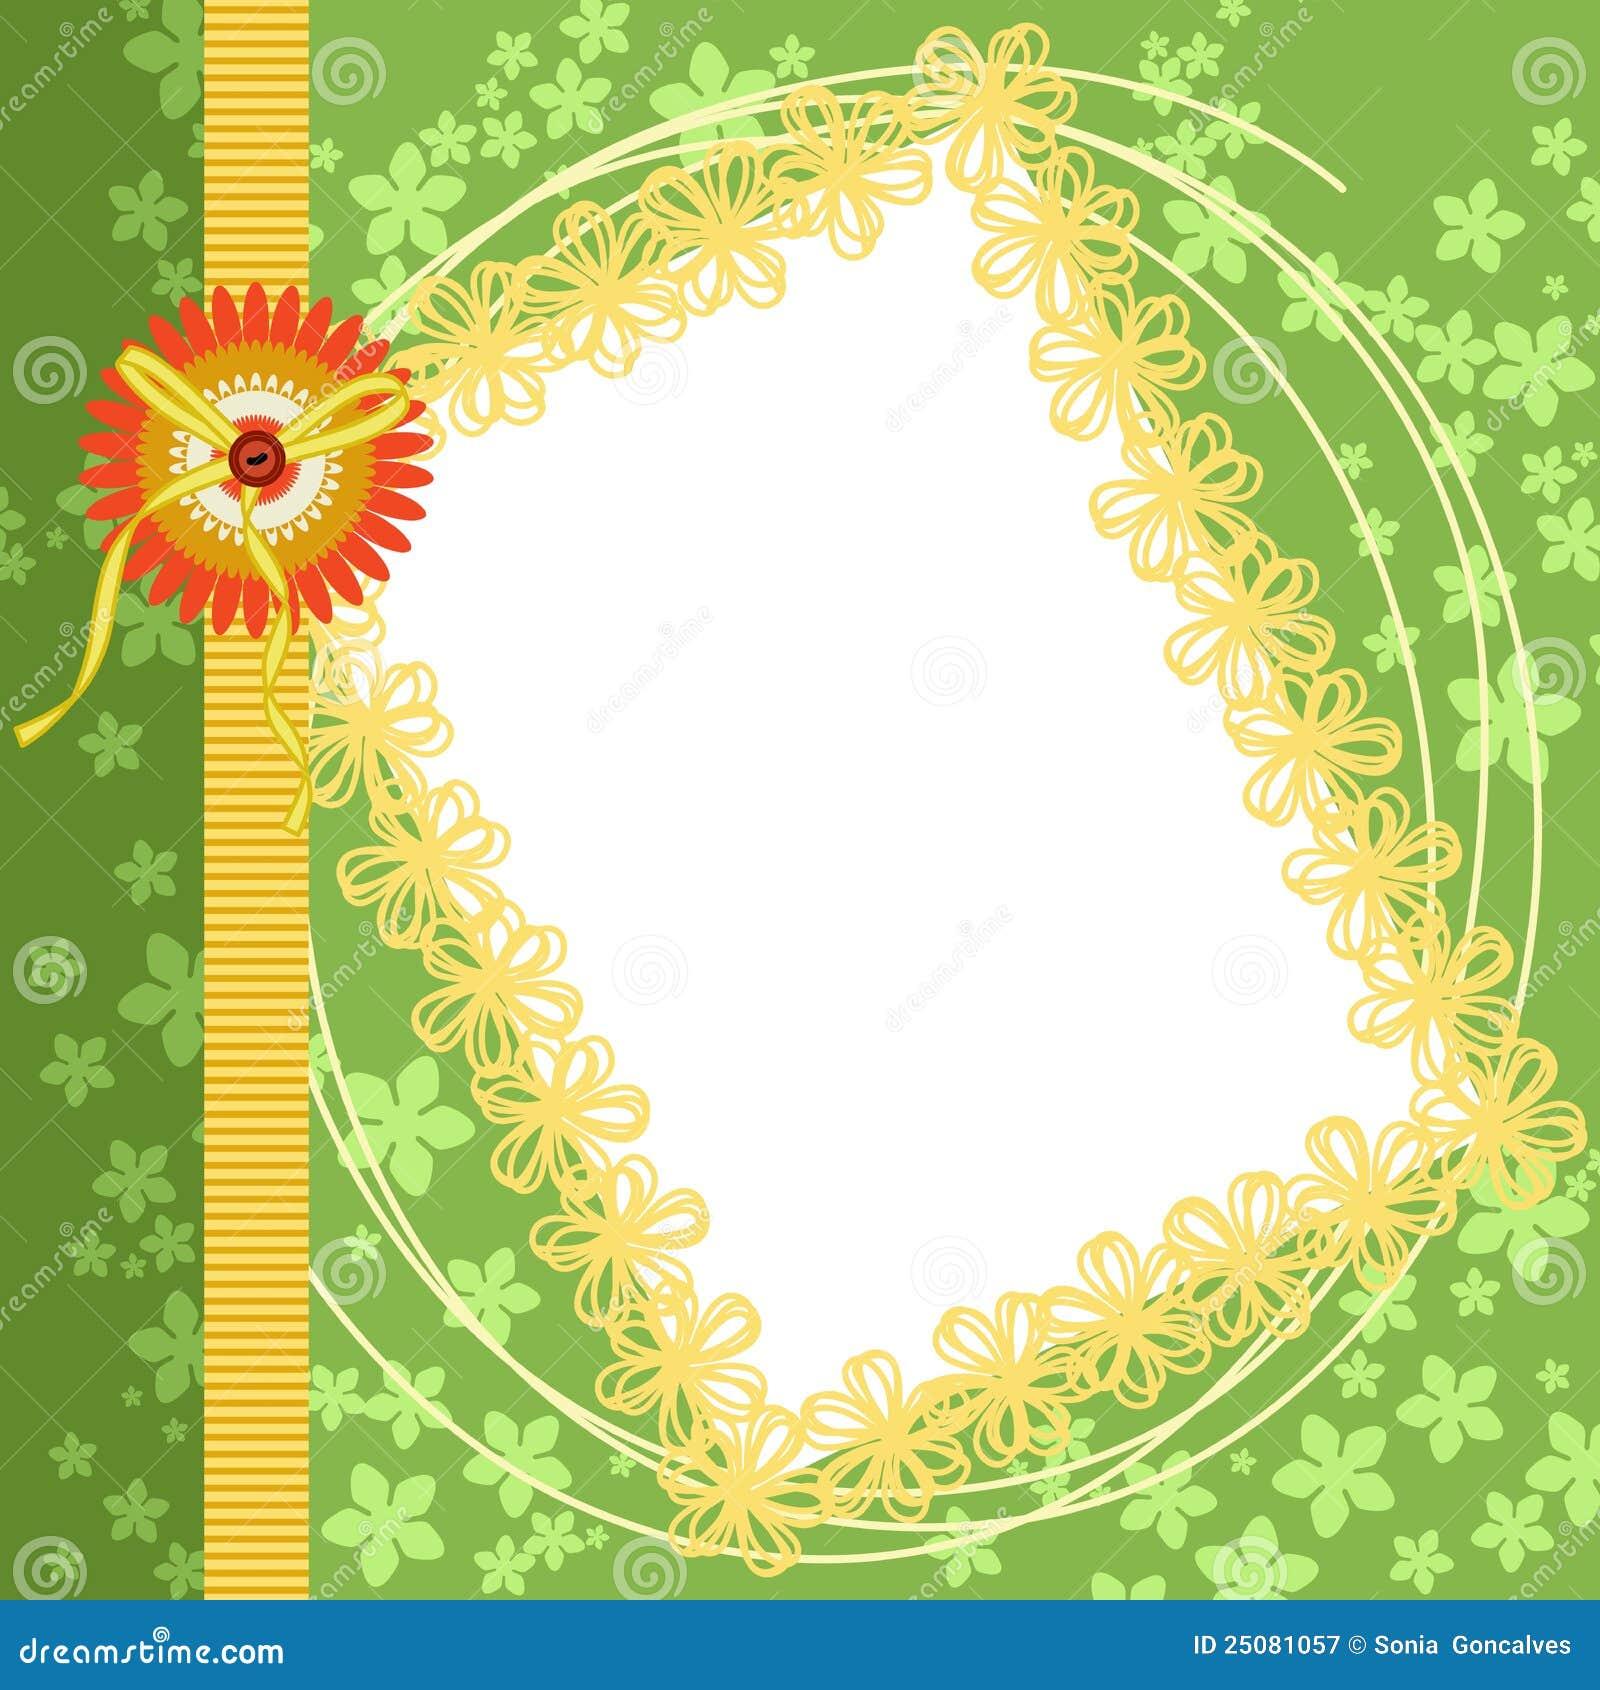 Scrapbook Page Spring Green Floral Border Illustration 25081057